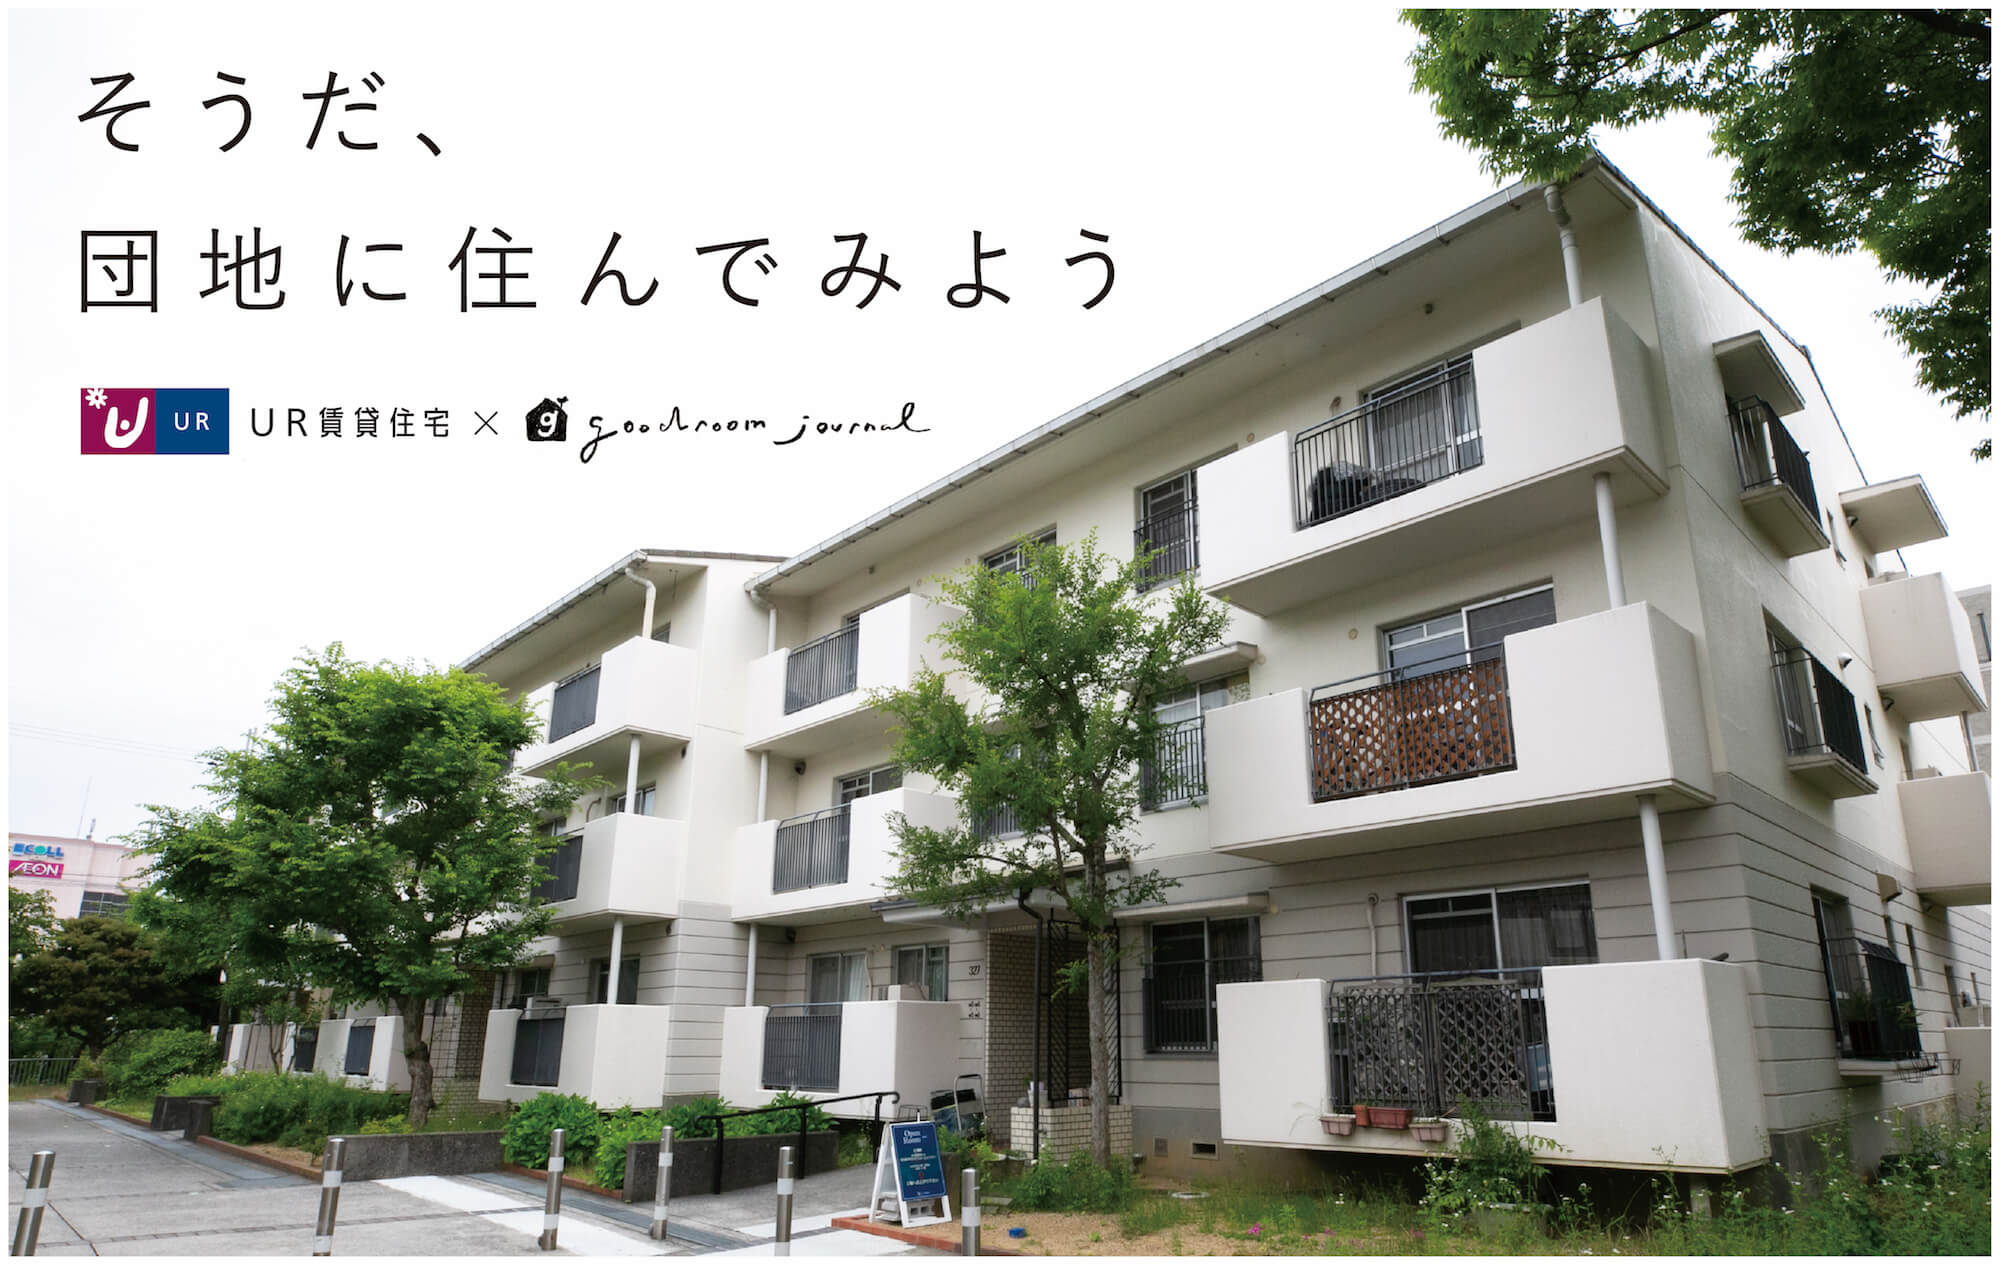 「そうだ、団地に住んでみよう」連載では、UR賃貸住宅のお部屋を詳しくご紹介しています(記事一覧へ)